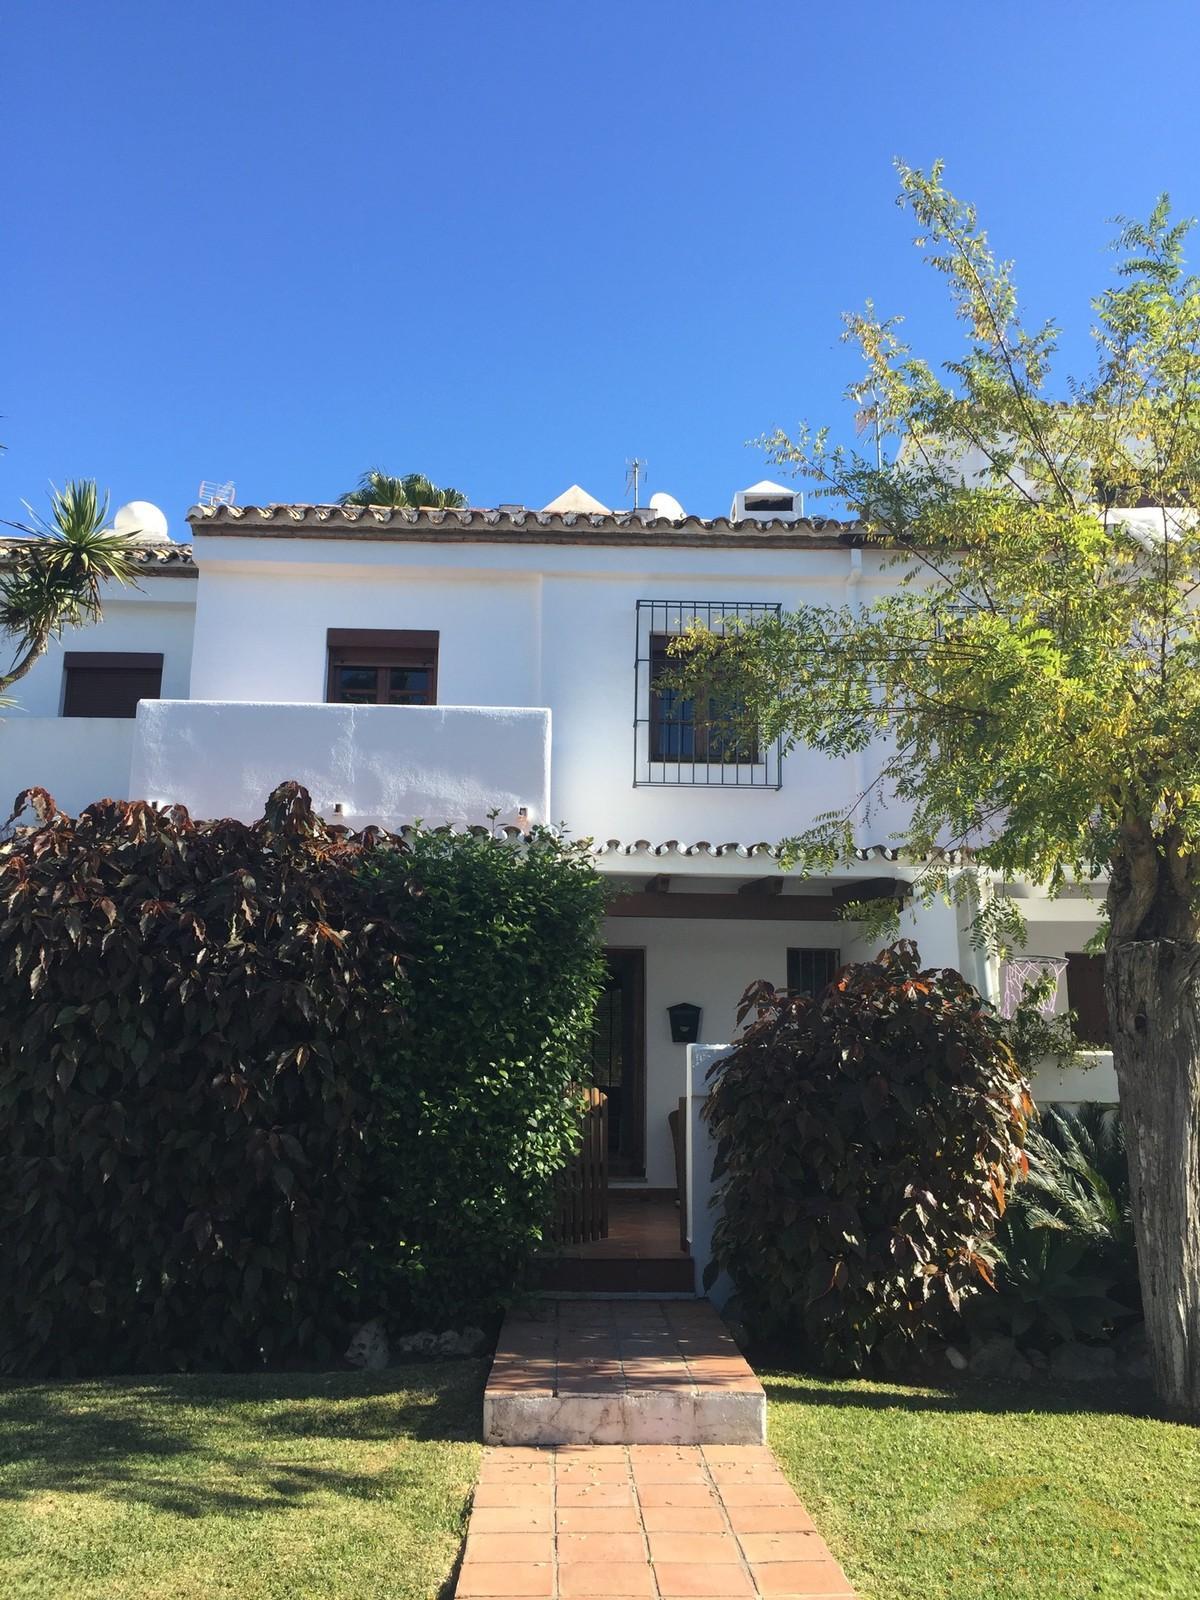 Verkoop van villa in Estepona